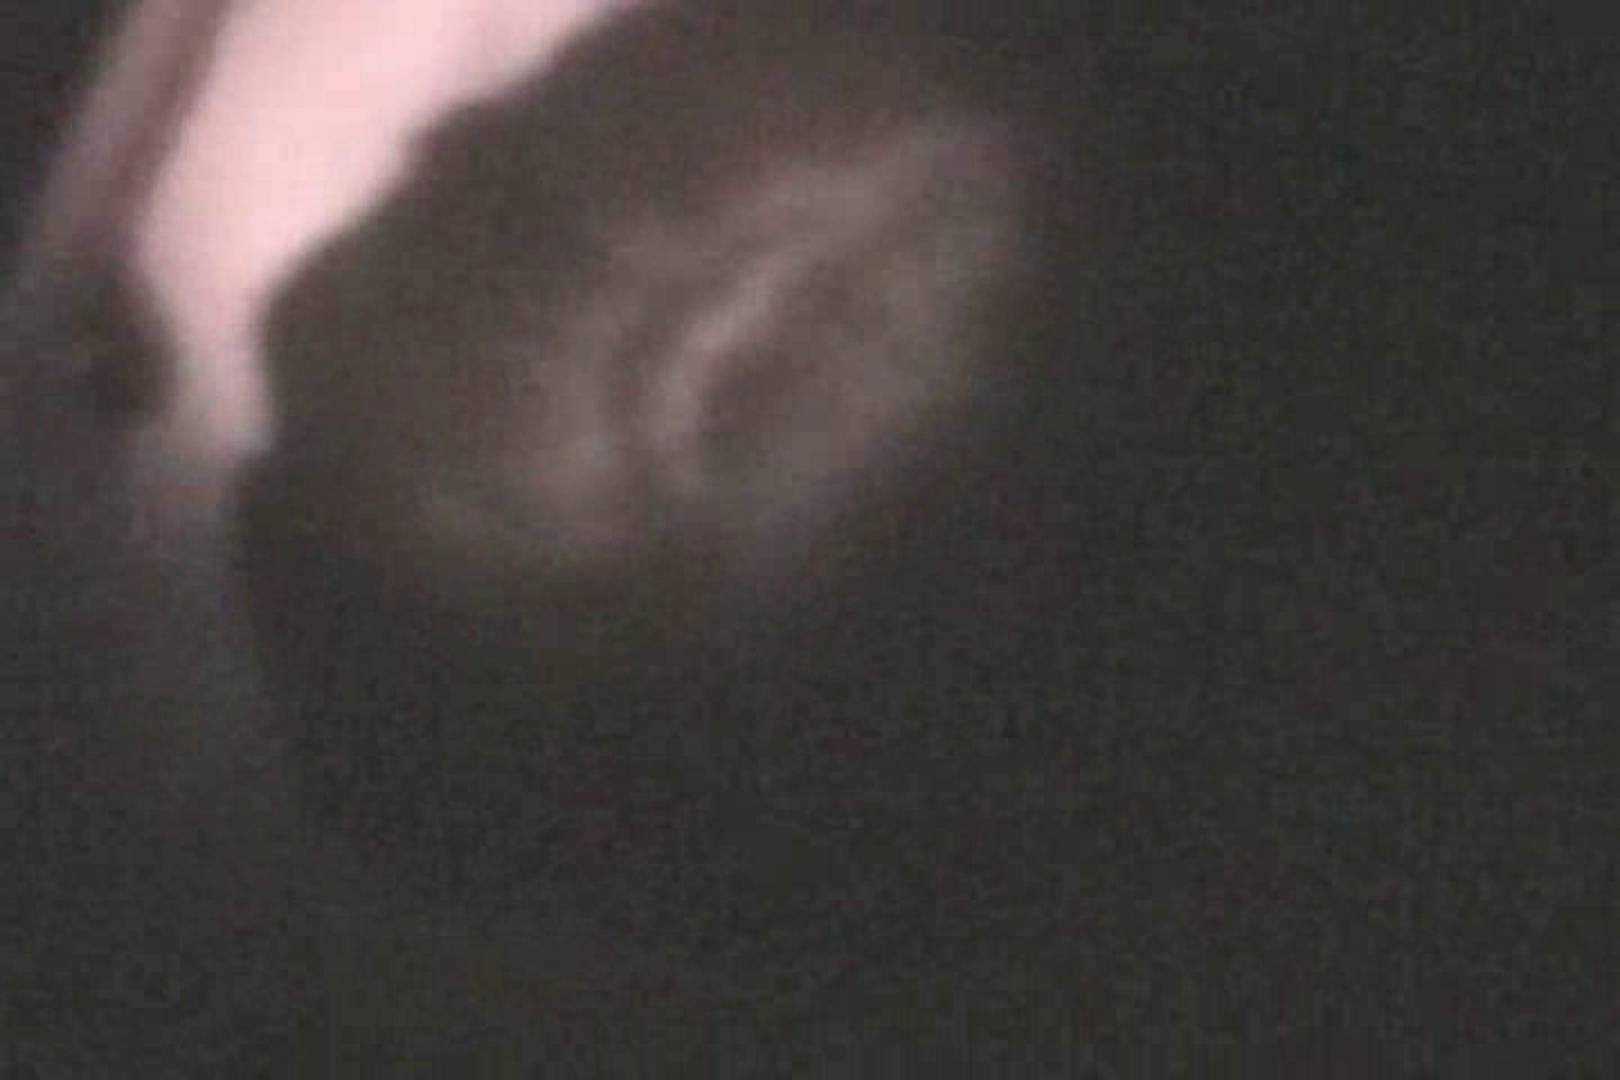 蔵出し!!赤外線カーセックスVol.24 OLヌード天国 AV動画キャプチャ 67PIX 38